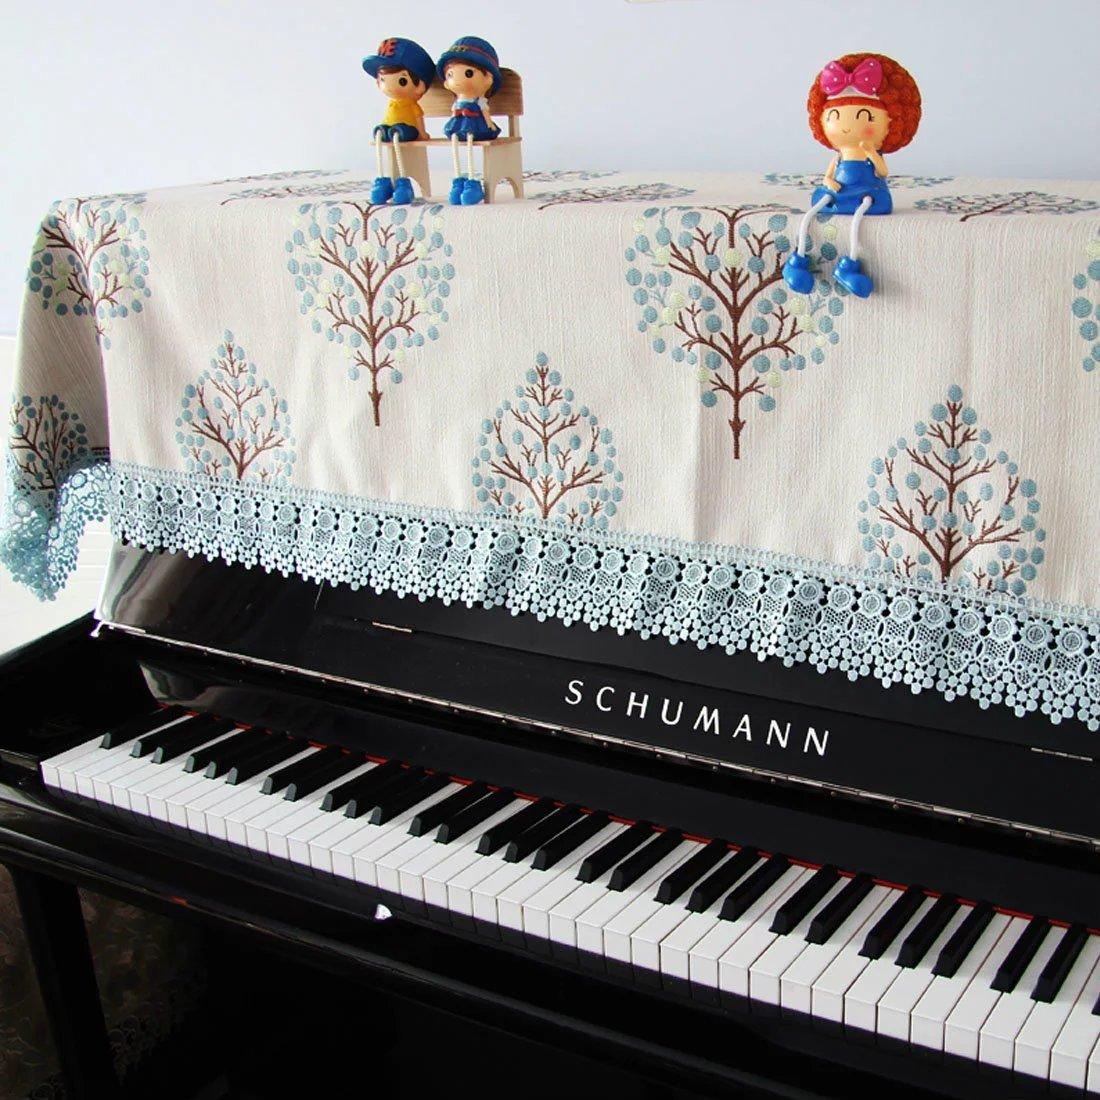 ピアノカバー ピアノトップ 防塵カバー 田園風 カバー 刺繍 レース 縁 可愛い おしゃれ 現代 シンプル アップライトピアノ用 シングル ダブル スツールカバー 椅子カバー INSOD トップカバー(150*200cm)+ダブルスツールカバー  B077M9TTD5